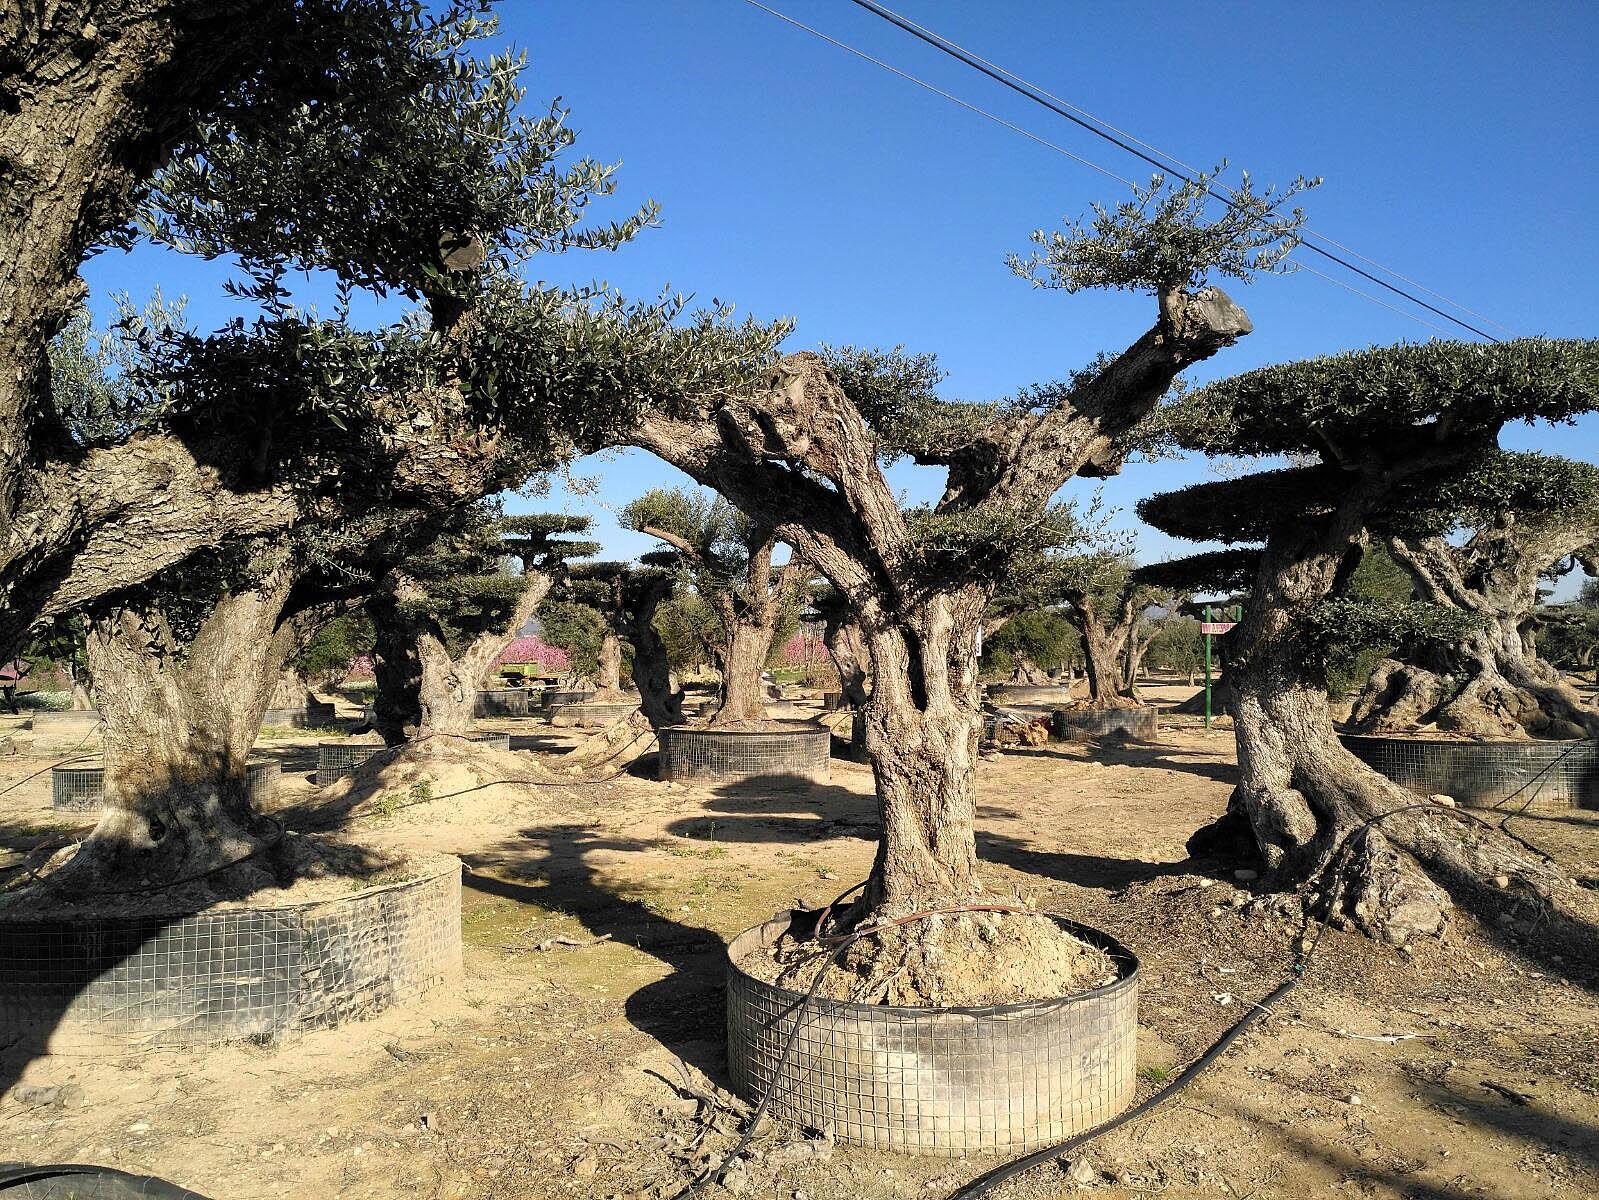 Davant l'arribada de Xylella fastidiosa cal aturar el moviment d'oliveres adultes